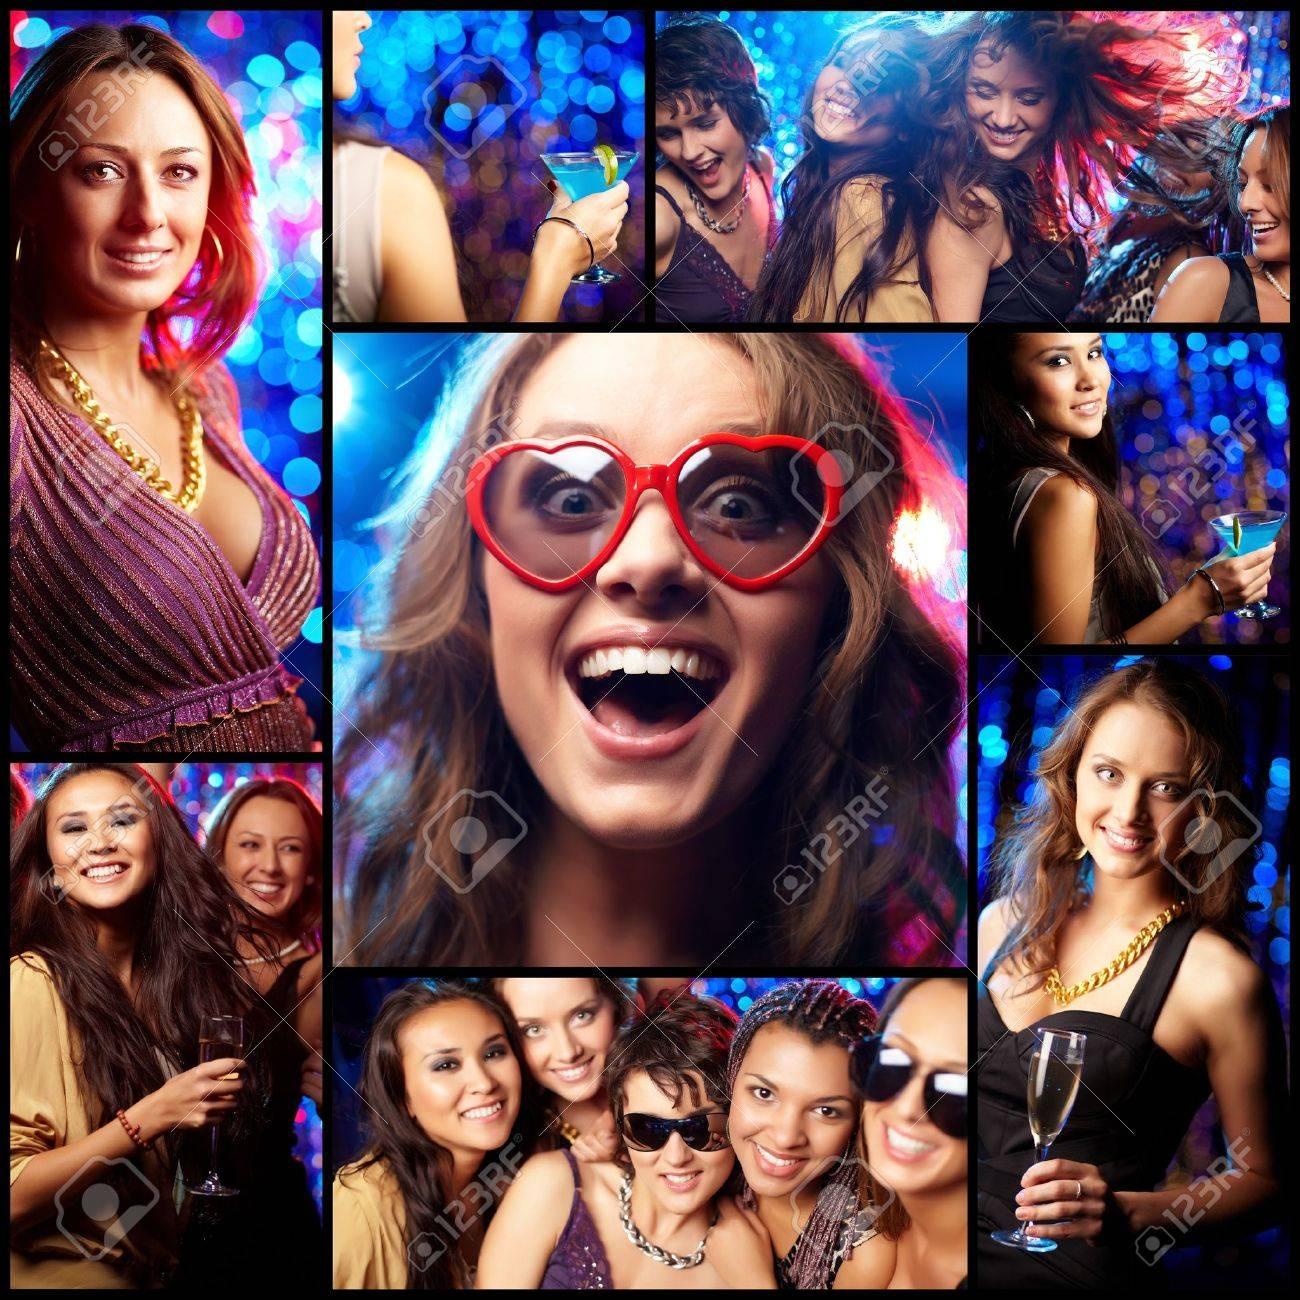 Фото русских девушек на вечеринке 5 фотография